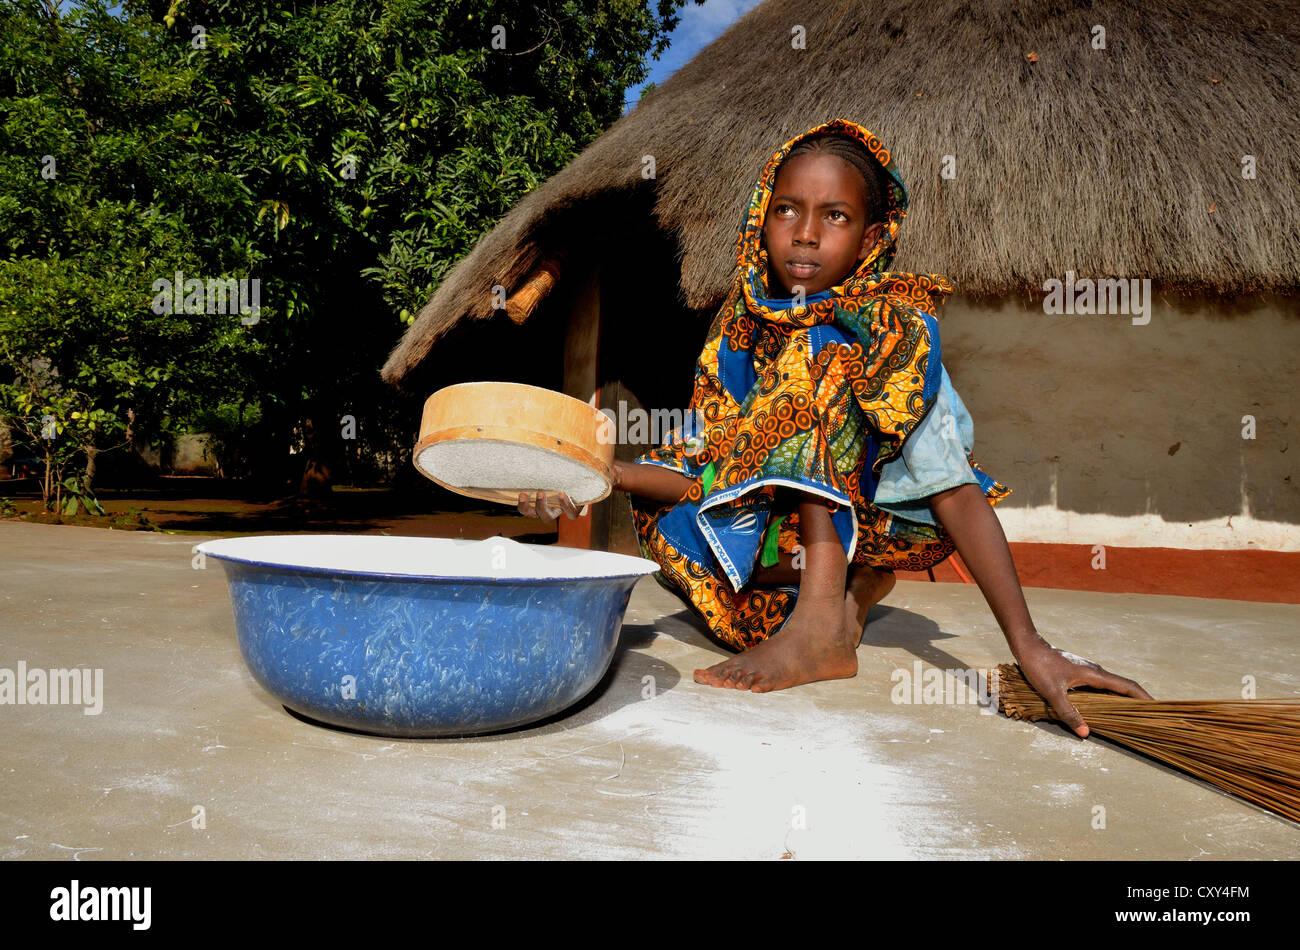 Africa village girl #3